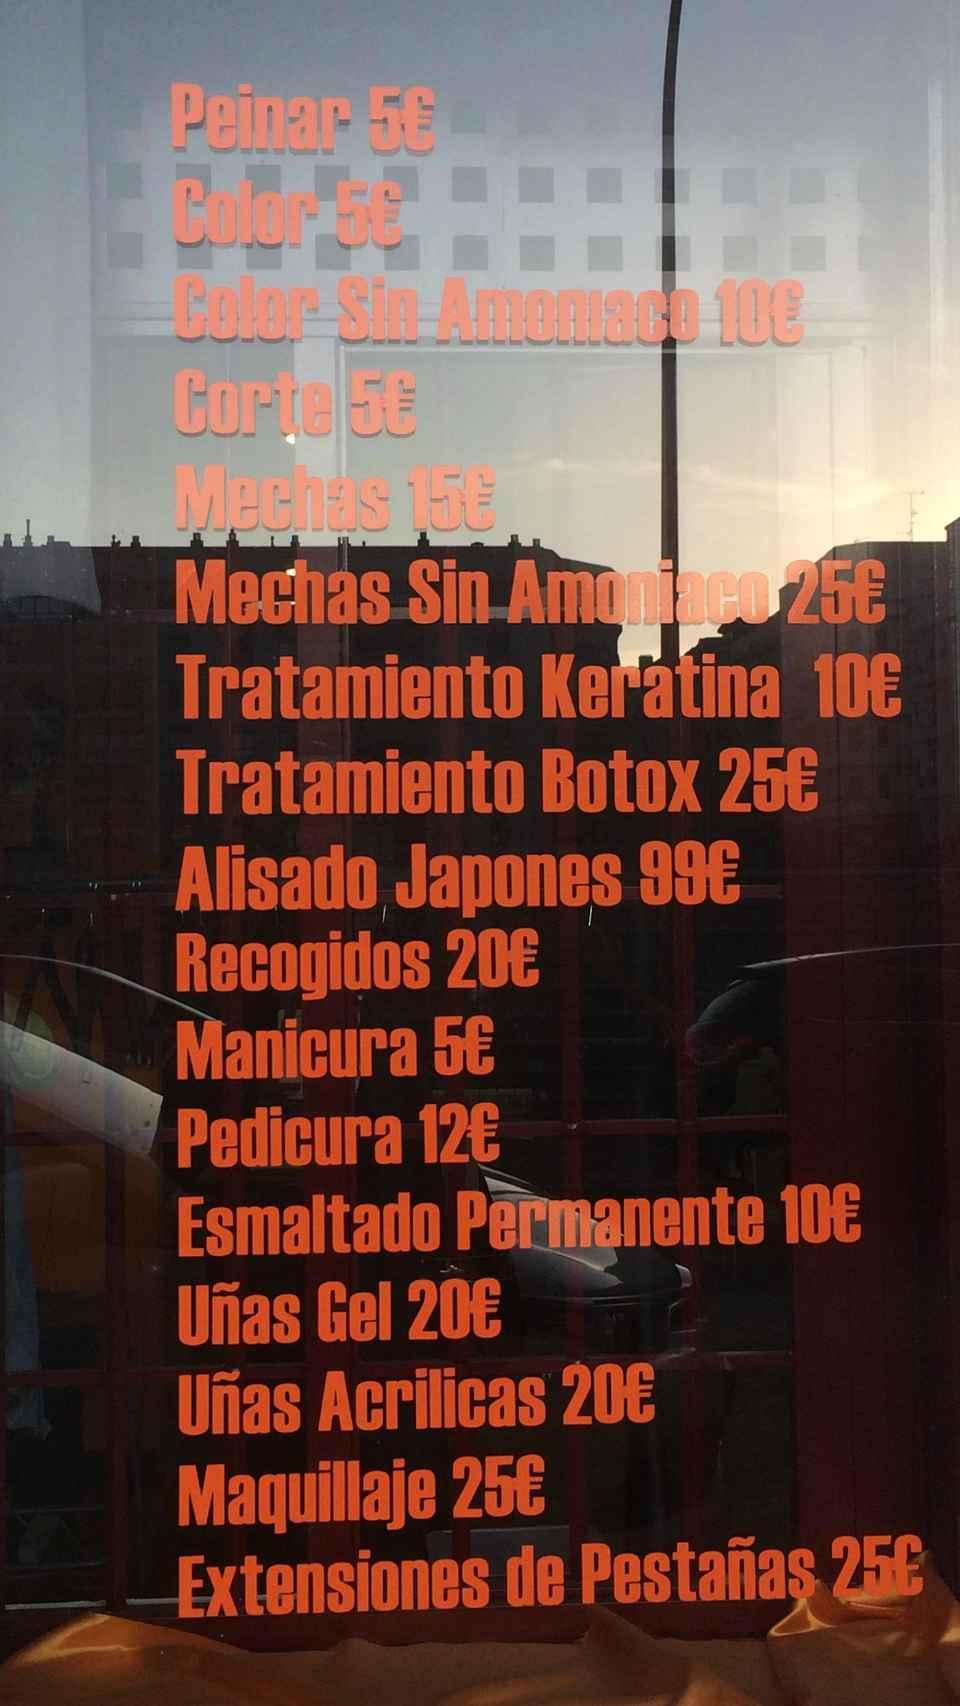 Listado de los precios que aparece en el escaparate.